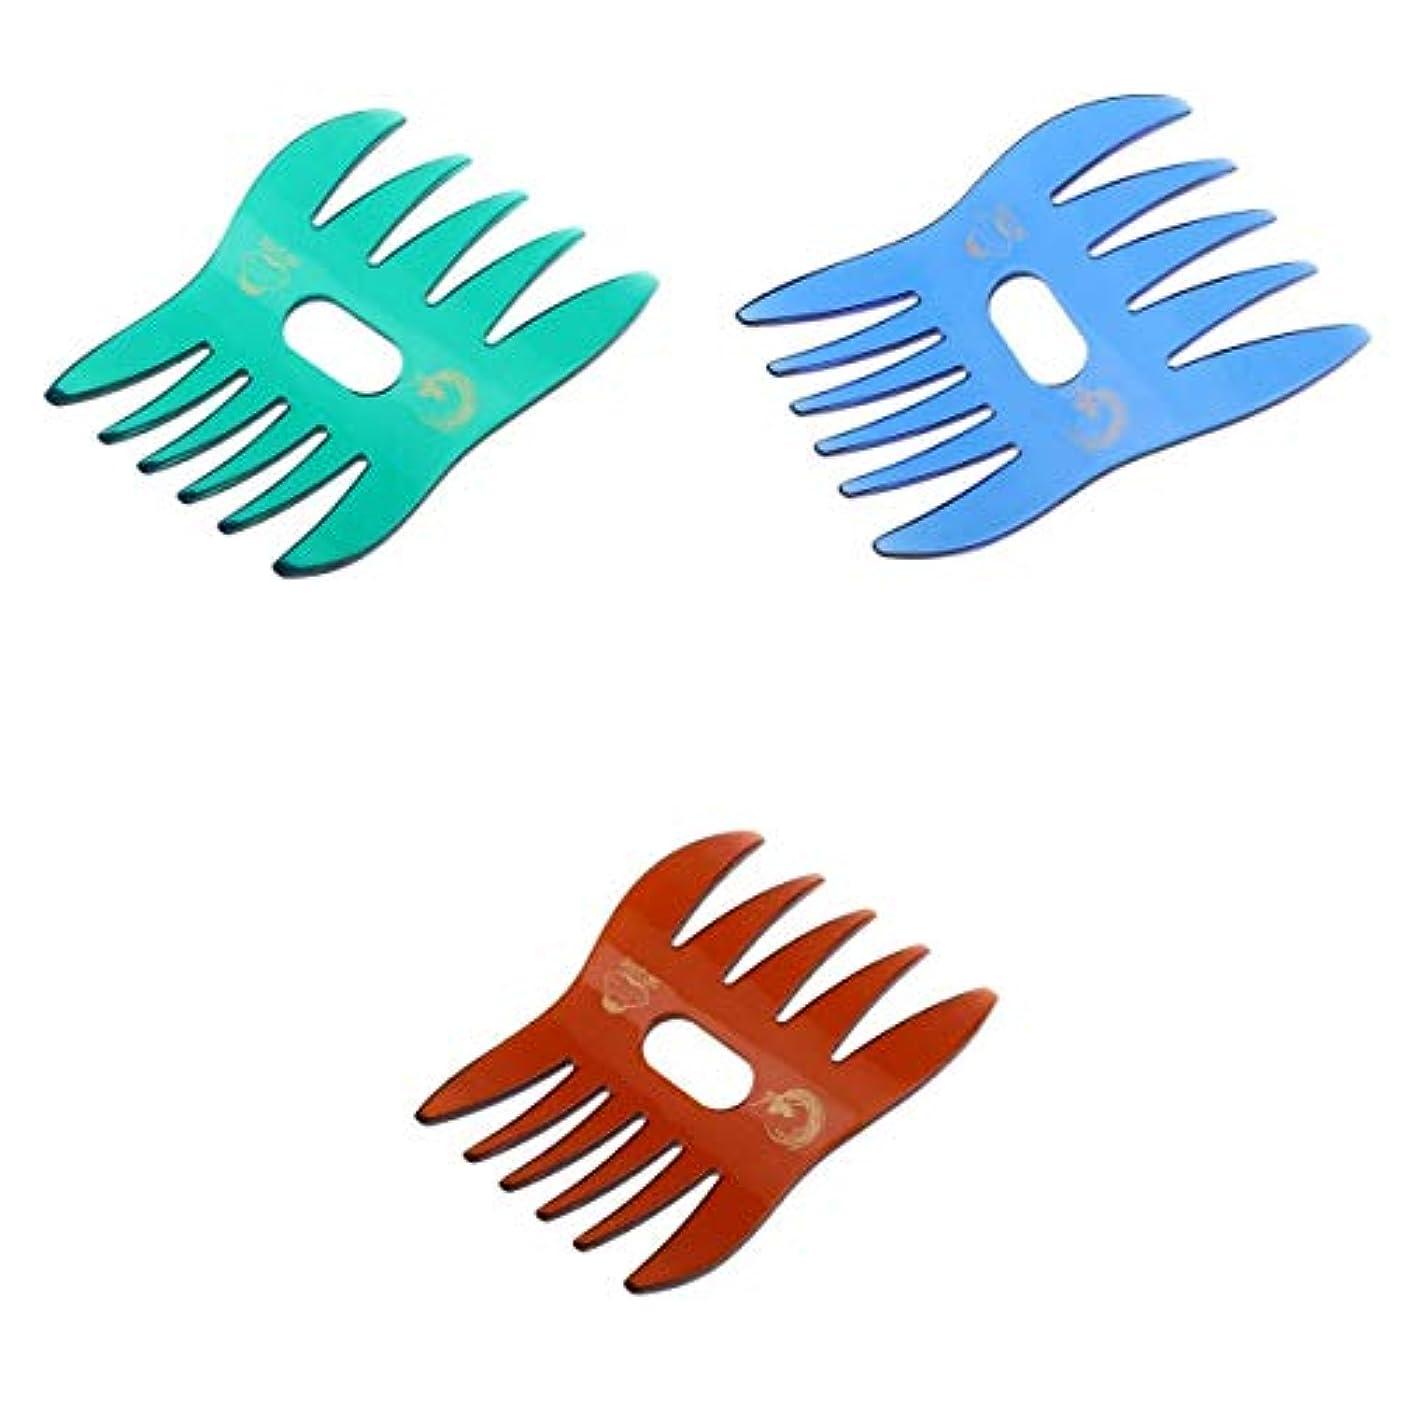 ライム名前でシプリー櫛 ヘアコーム コーム ヘア櫛 静電気防止 粗歯 頭皮マッサージ オイルヘアスタイル